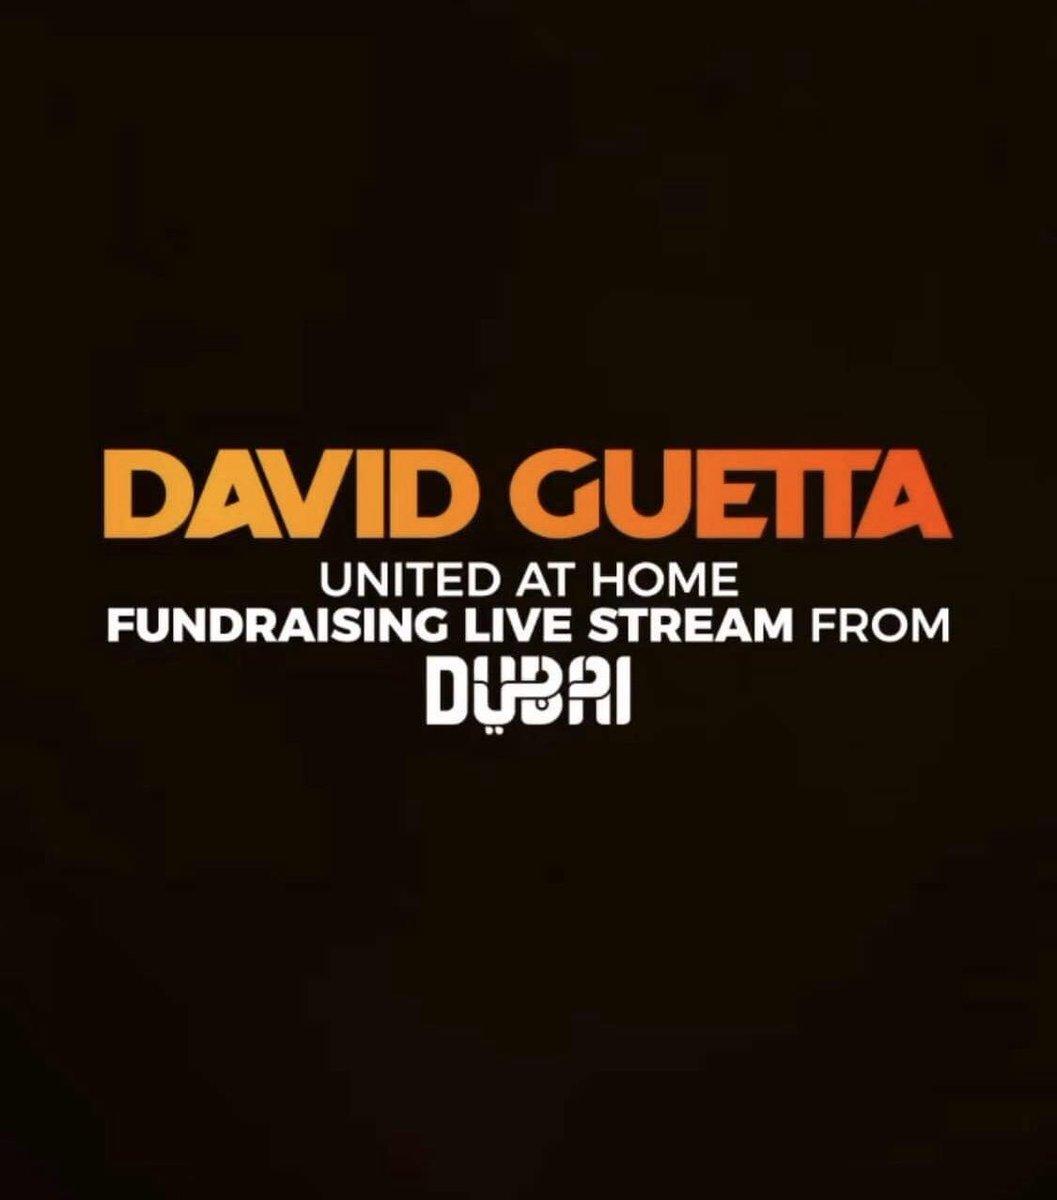 Après Miami, New-York et Paris, @DavidGuetta dévoilera un nouveau show #UnitedAtHome à... Dubai 🤩